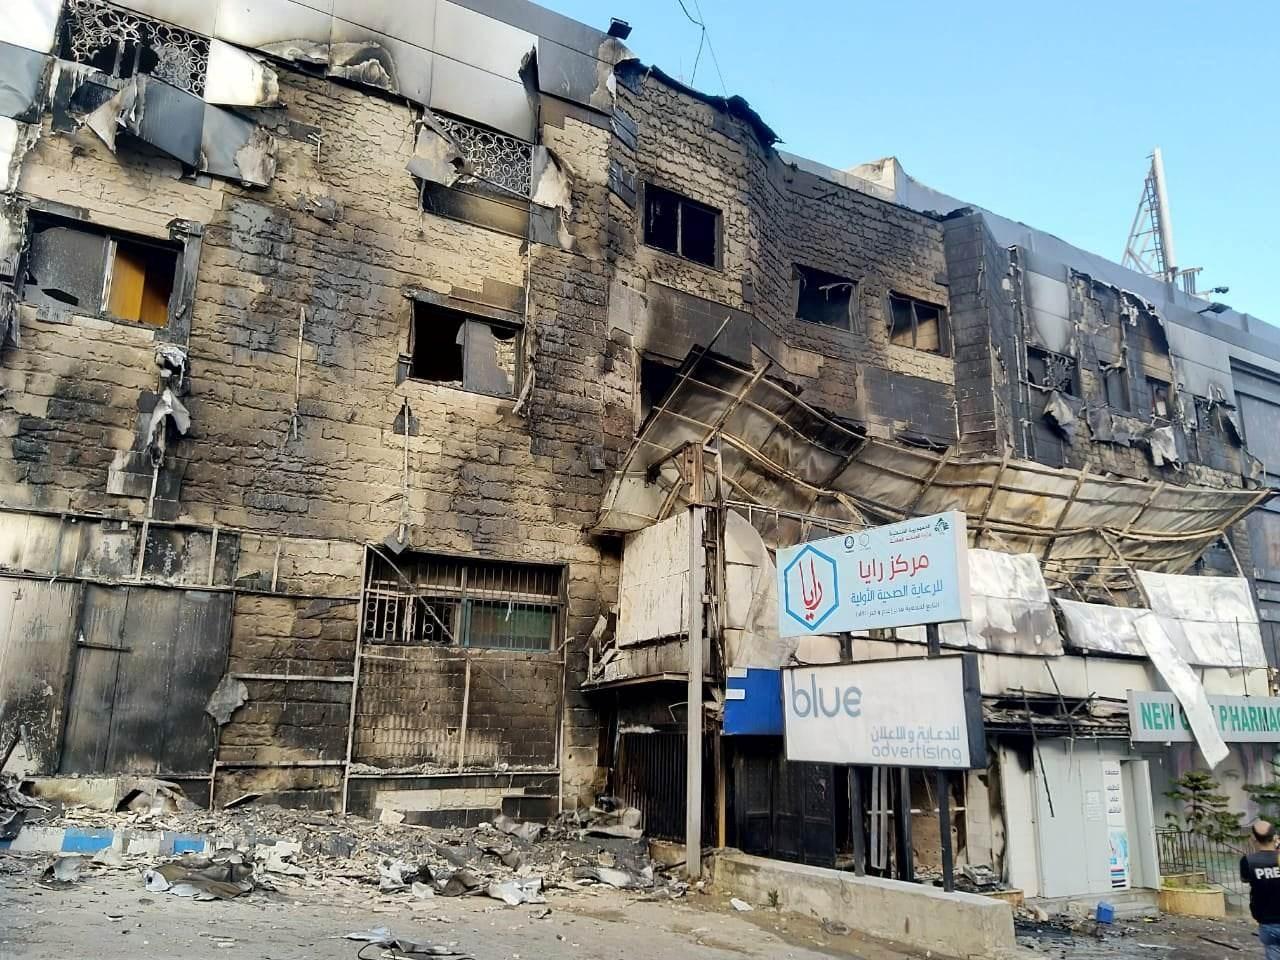 بزي للميادين: العنصر الارهابي هو الخيط الذي يربط الاحداث المتفرقة في لبنان